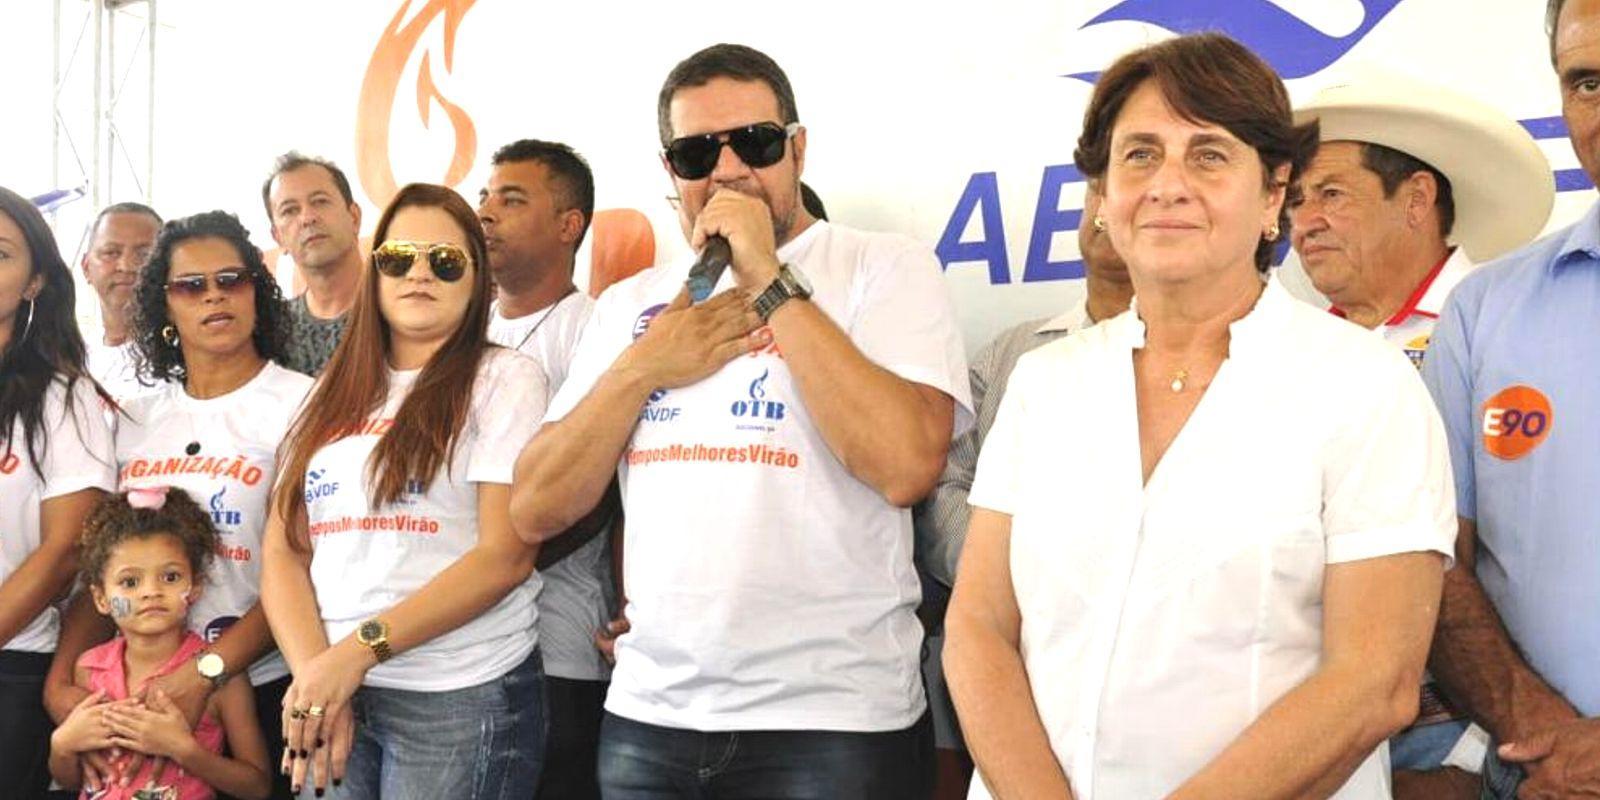 Eliana Pedrosa, candidata líder ao governo do DF assina com OTB